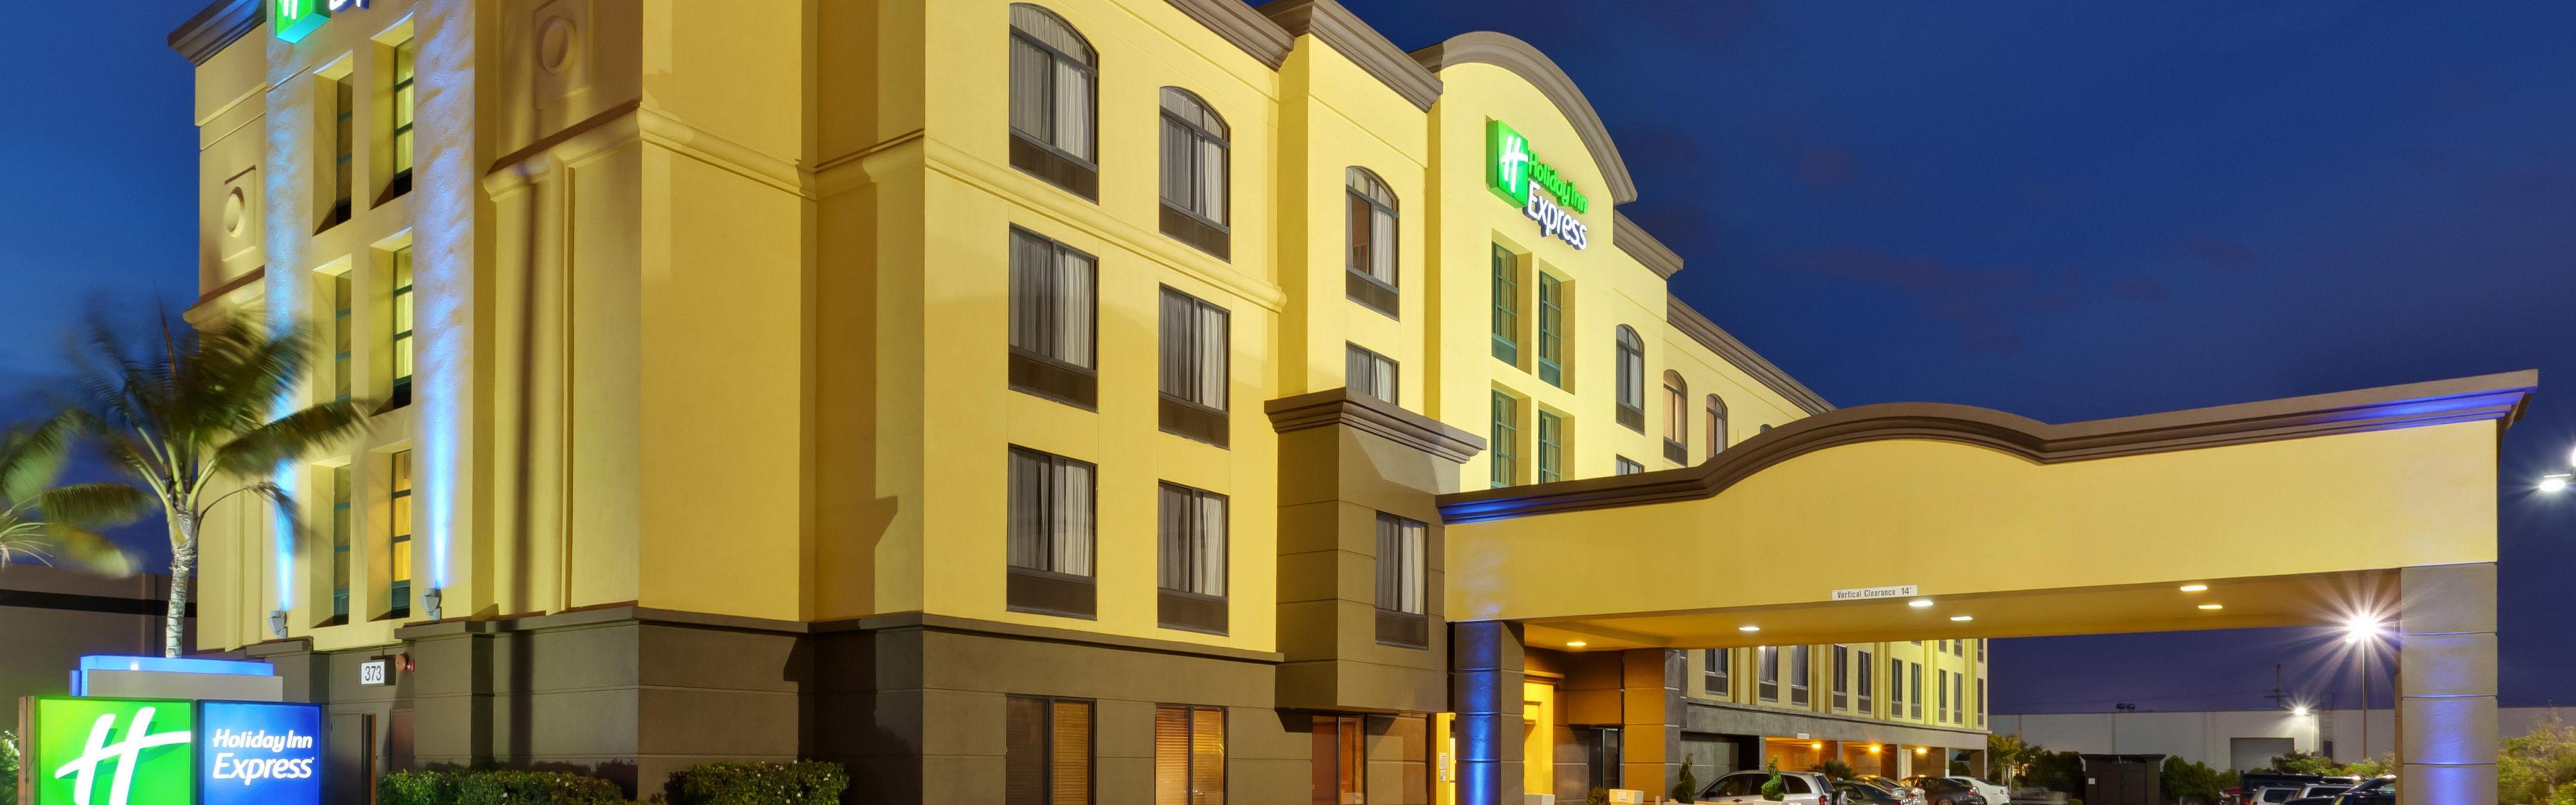 Holiday Inn Express San Francisco-Airport North image 0